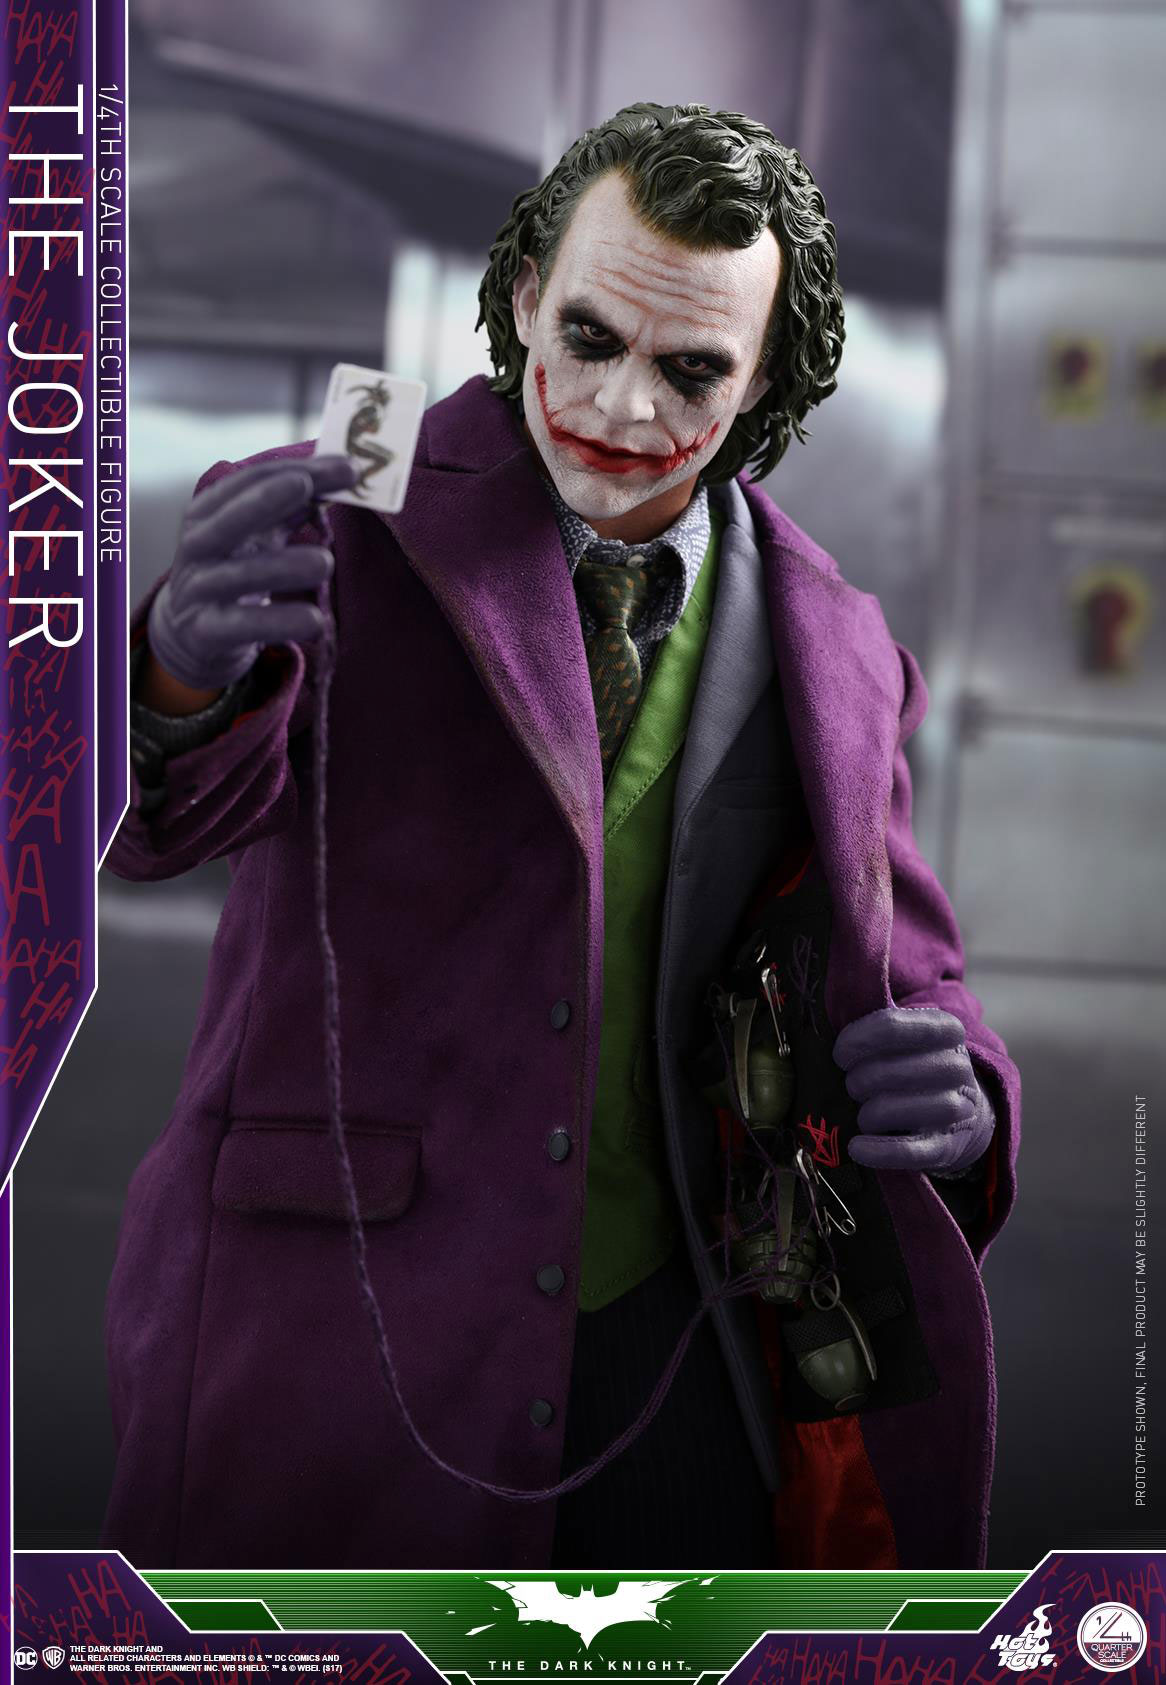 the-dark-knight-joker-hot-toys-figure-7